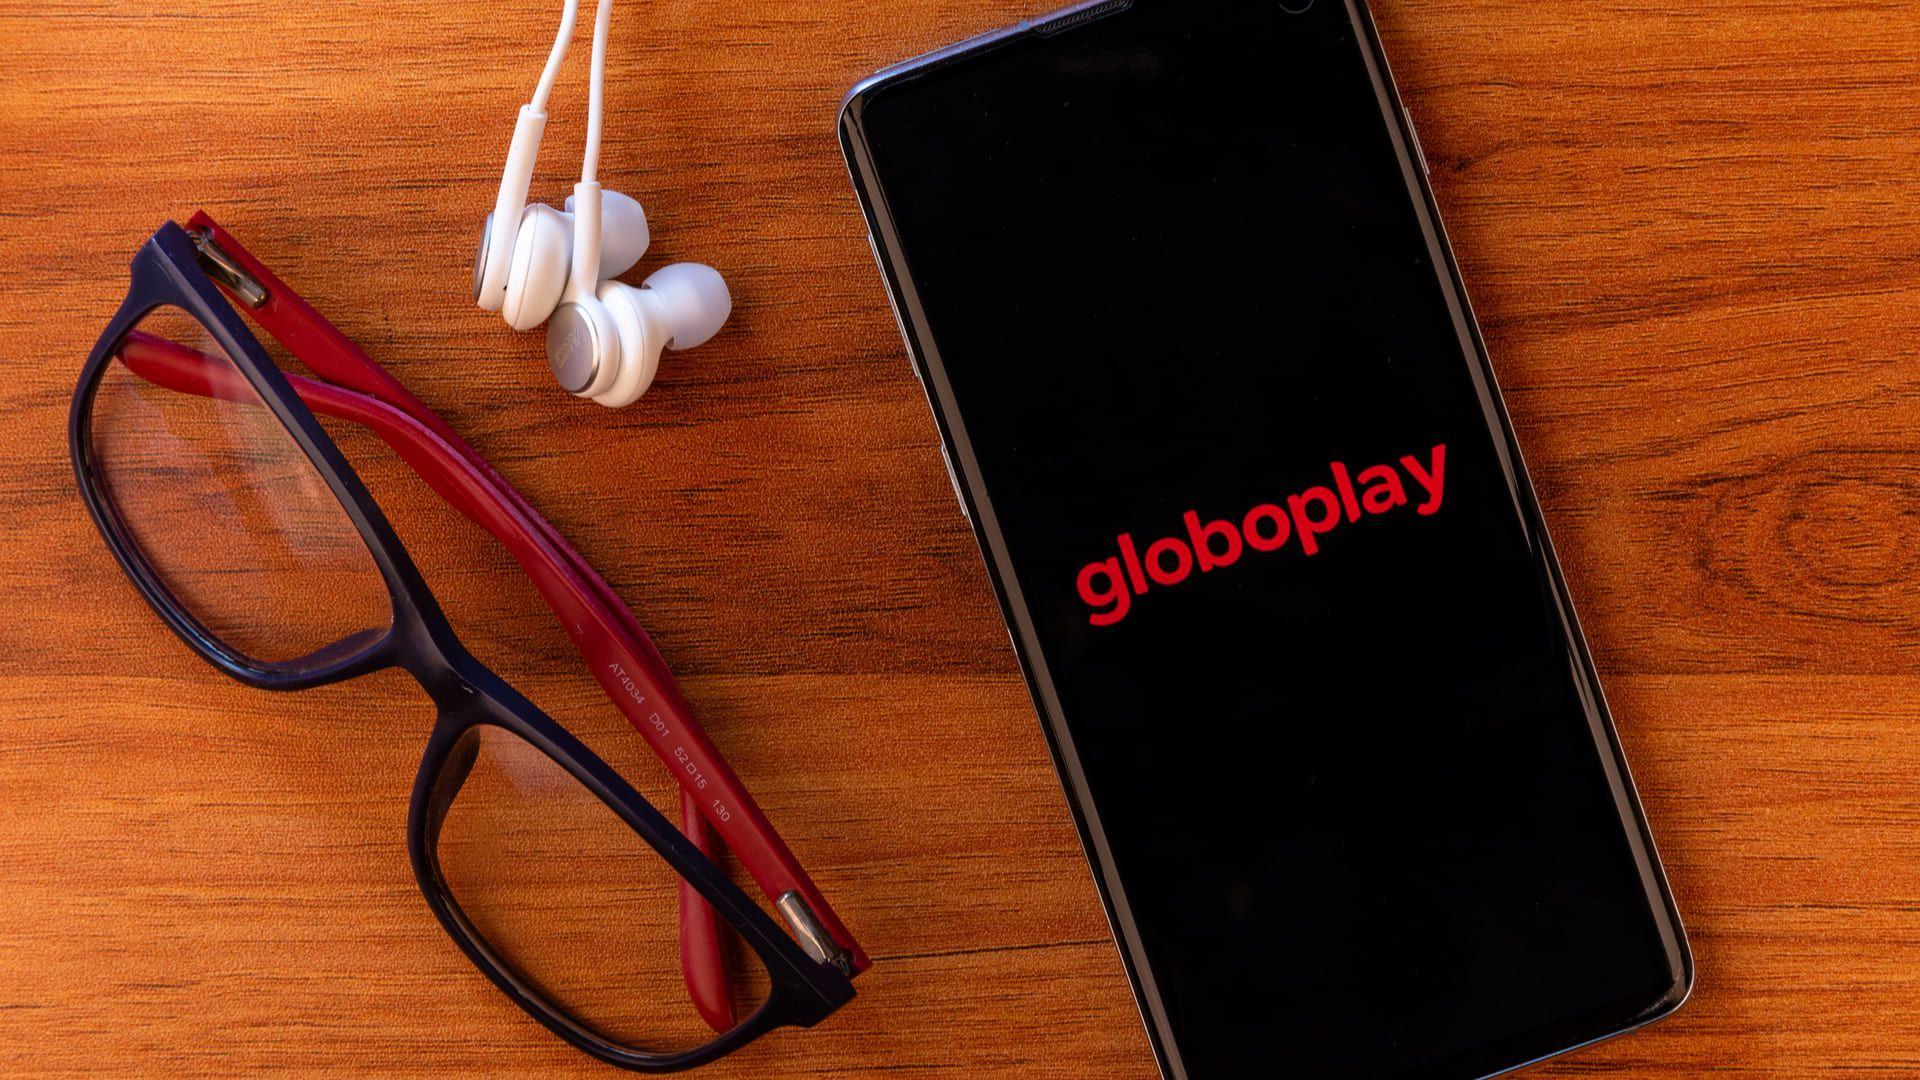 Celular mostrando o logo do Globoplay, um aplicativo para assistir TV, ao lado de um fone de ouvido e um óculos